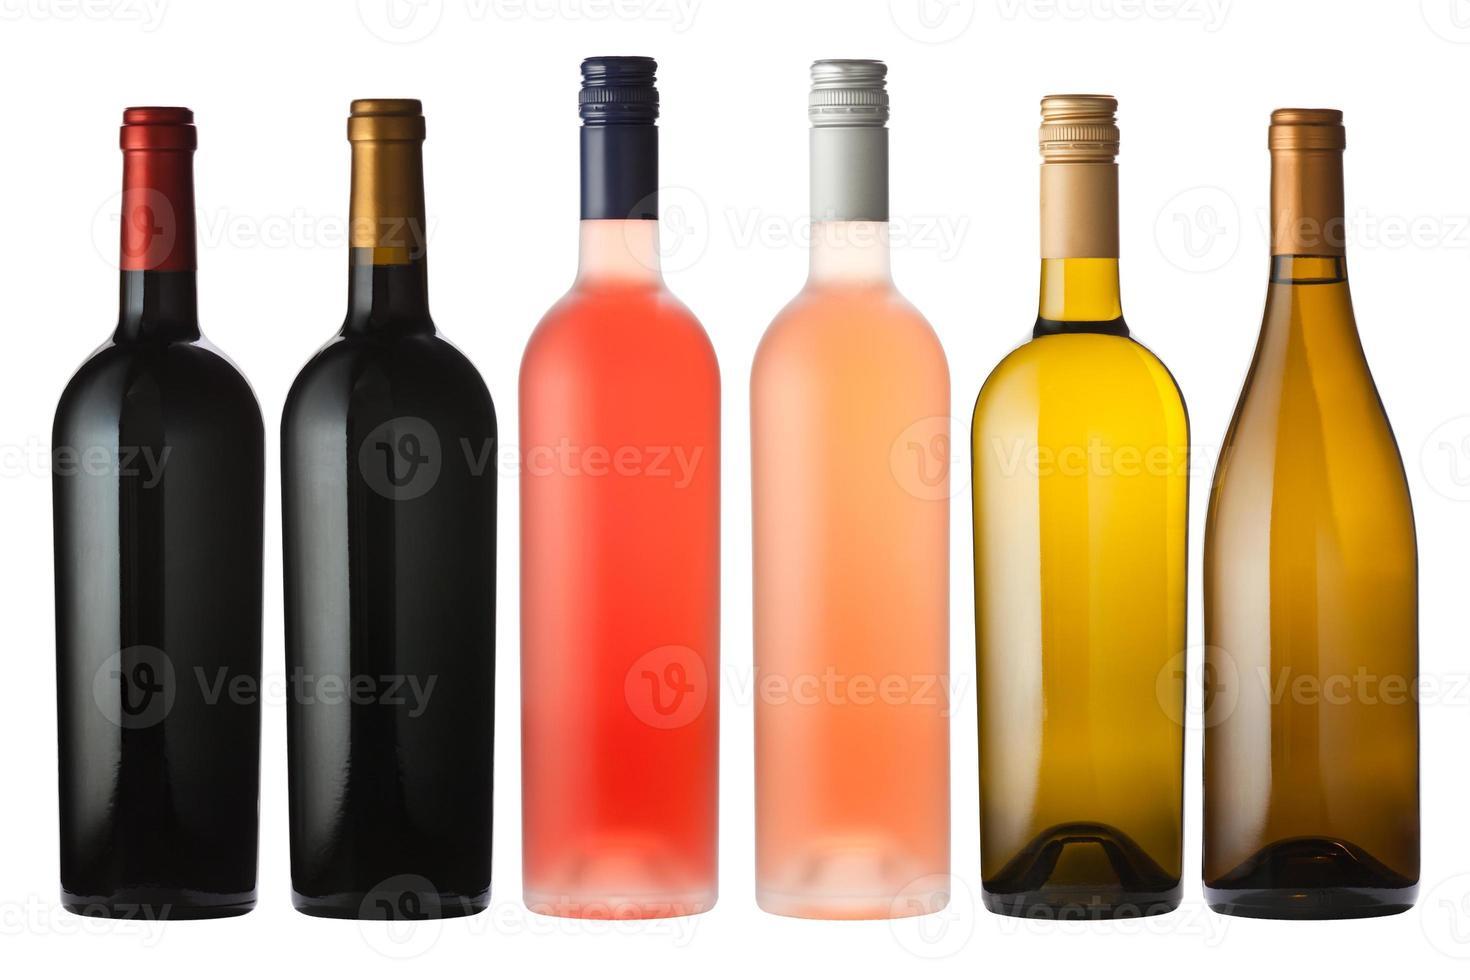 garrafas de vinho misturadas em branco foto